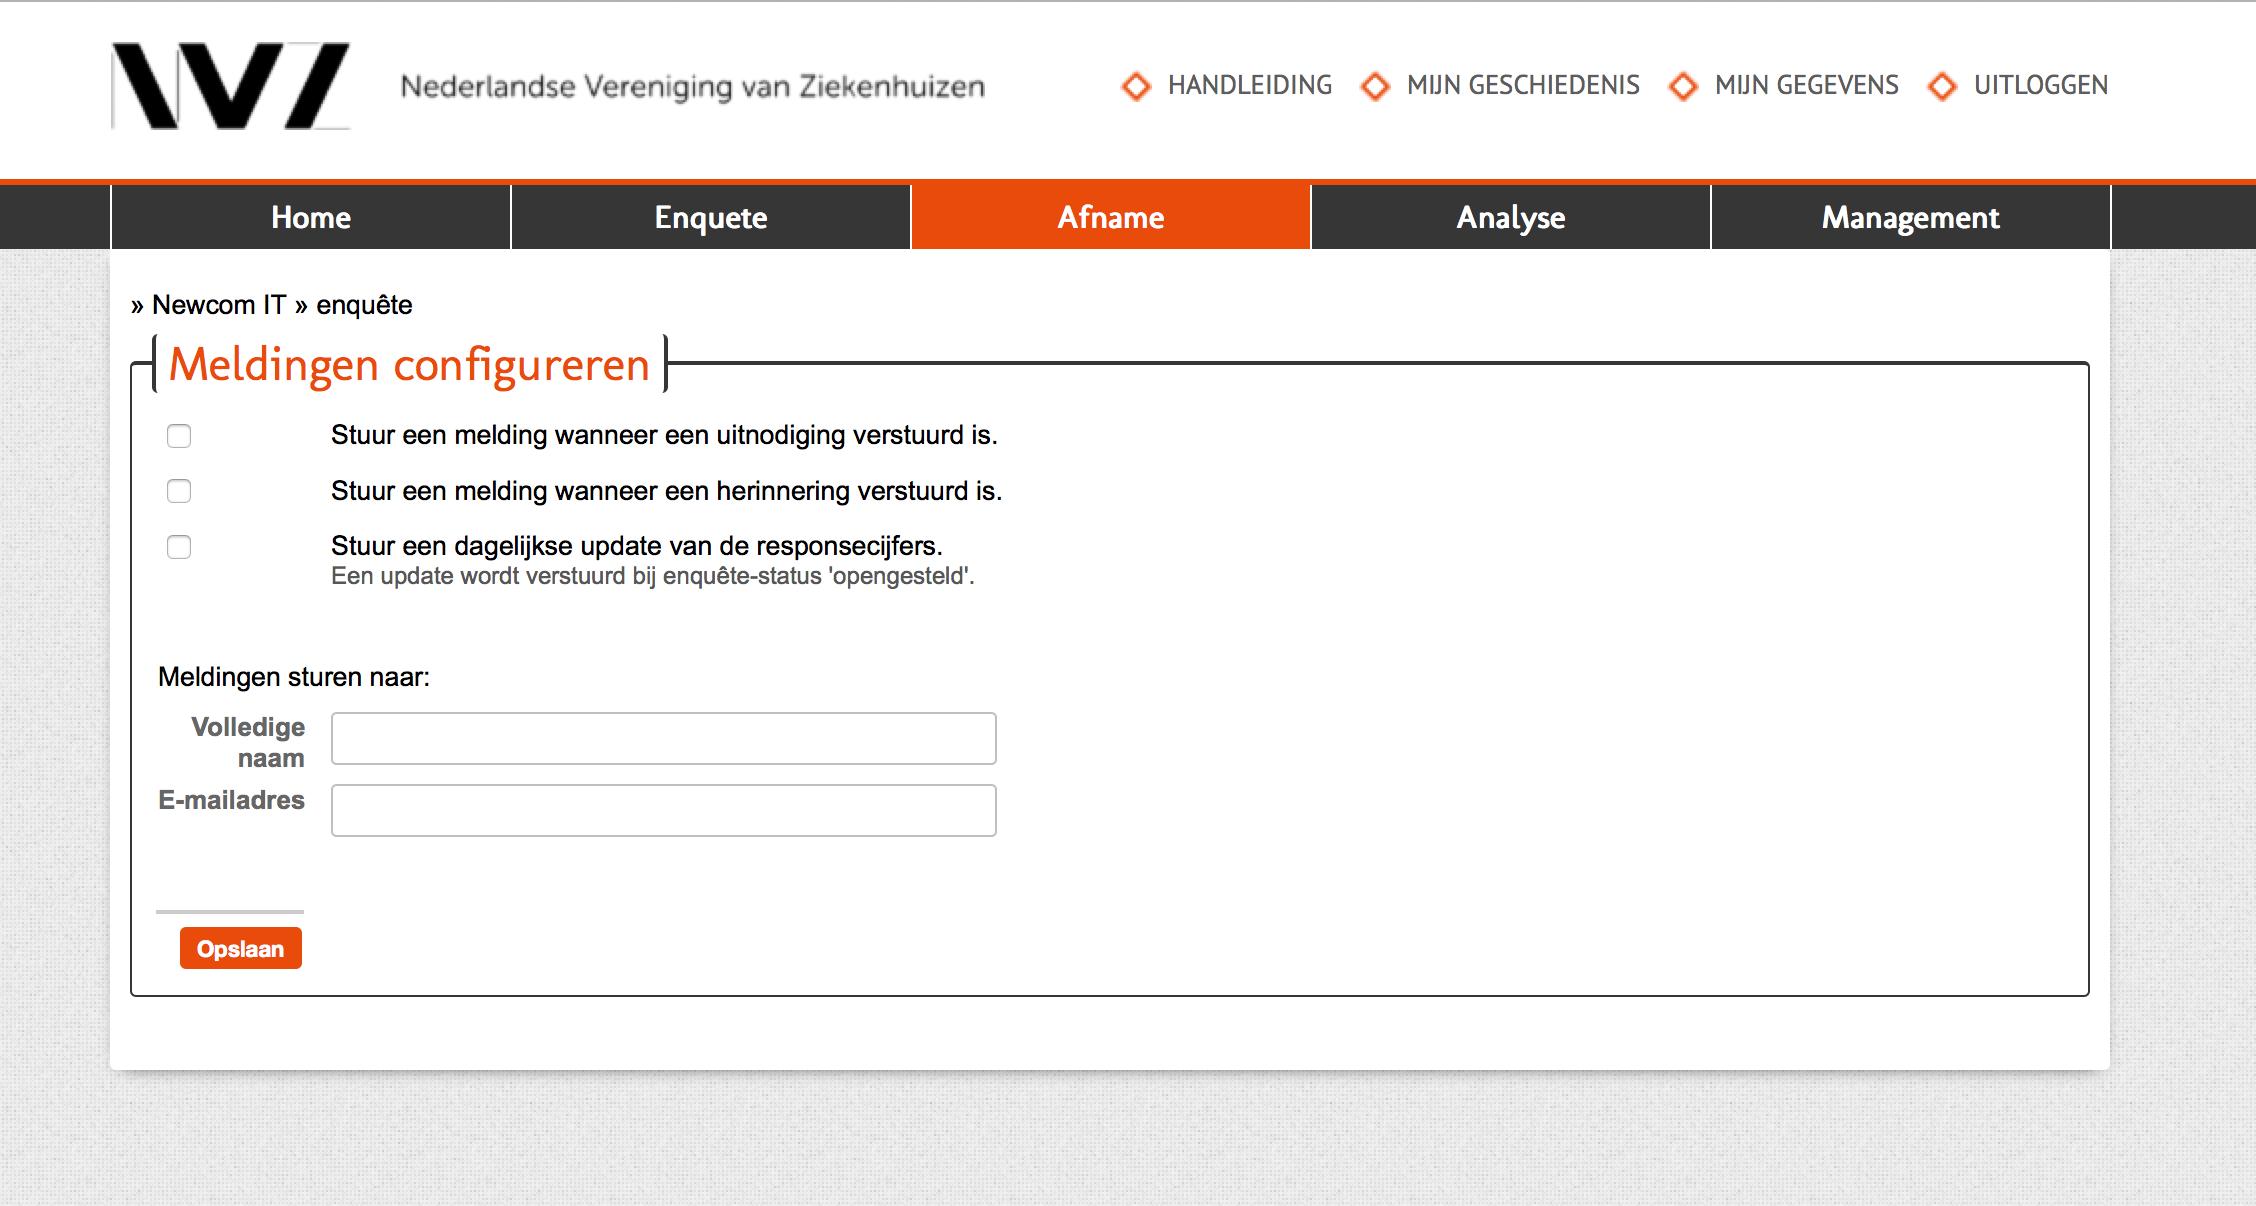 nederlandse vereniging van ziekenhuizen